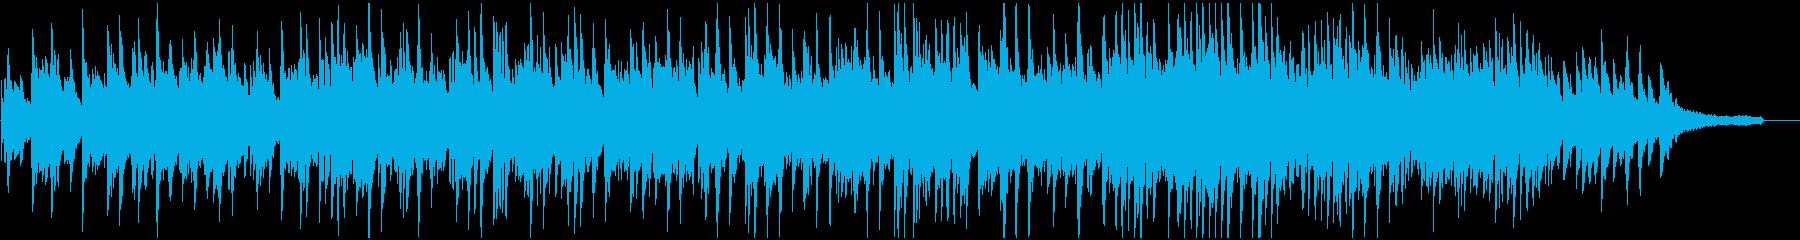 冬のしっとりしたピアノ曲 終わり普通版の再生済みの波形